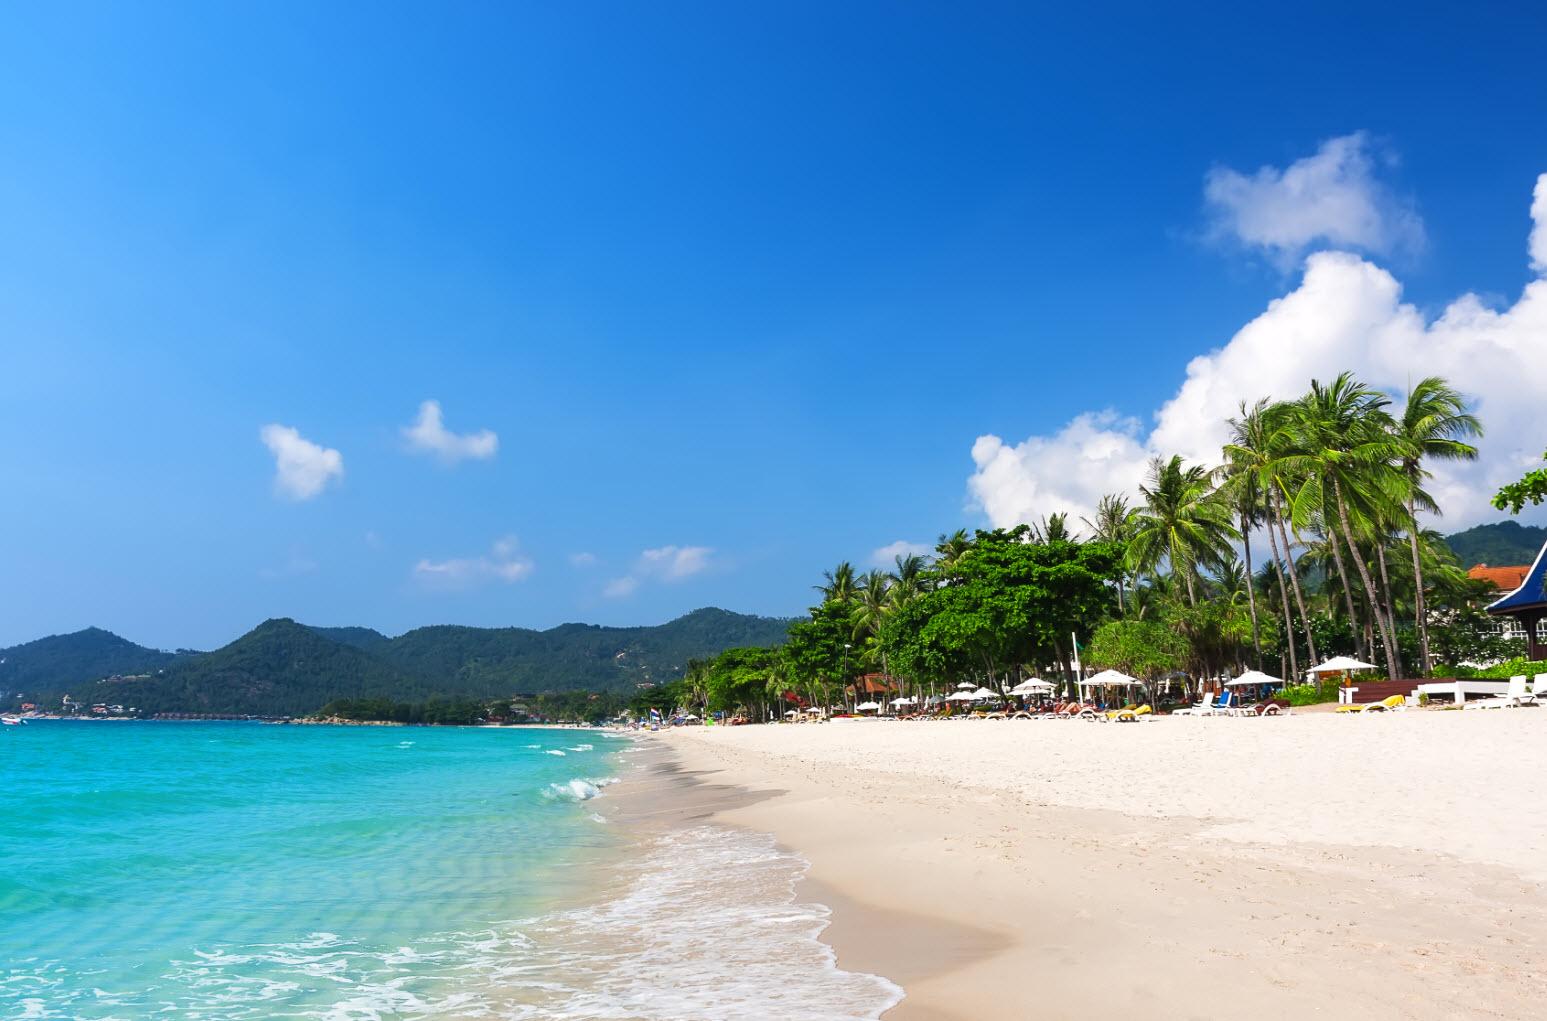 белье самуи пляж чавенг фото термобелье